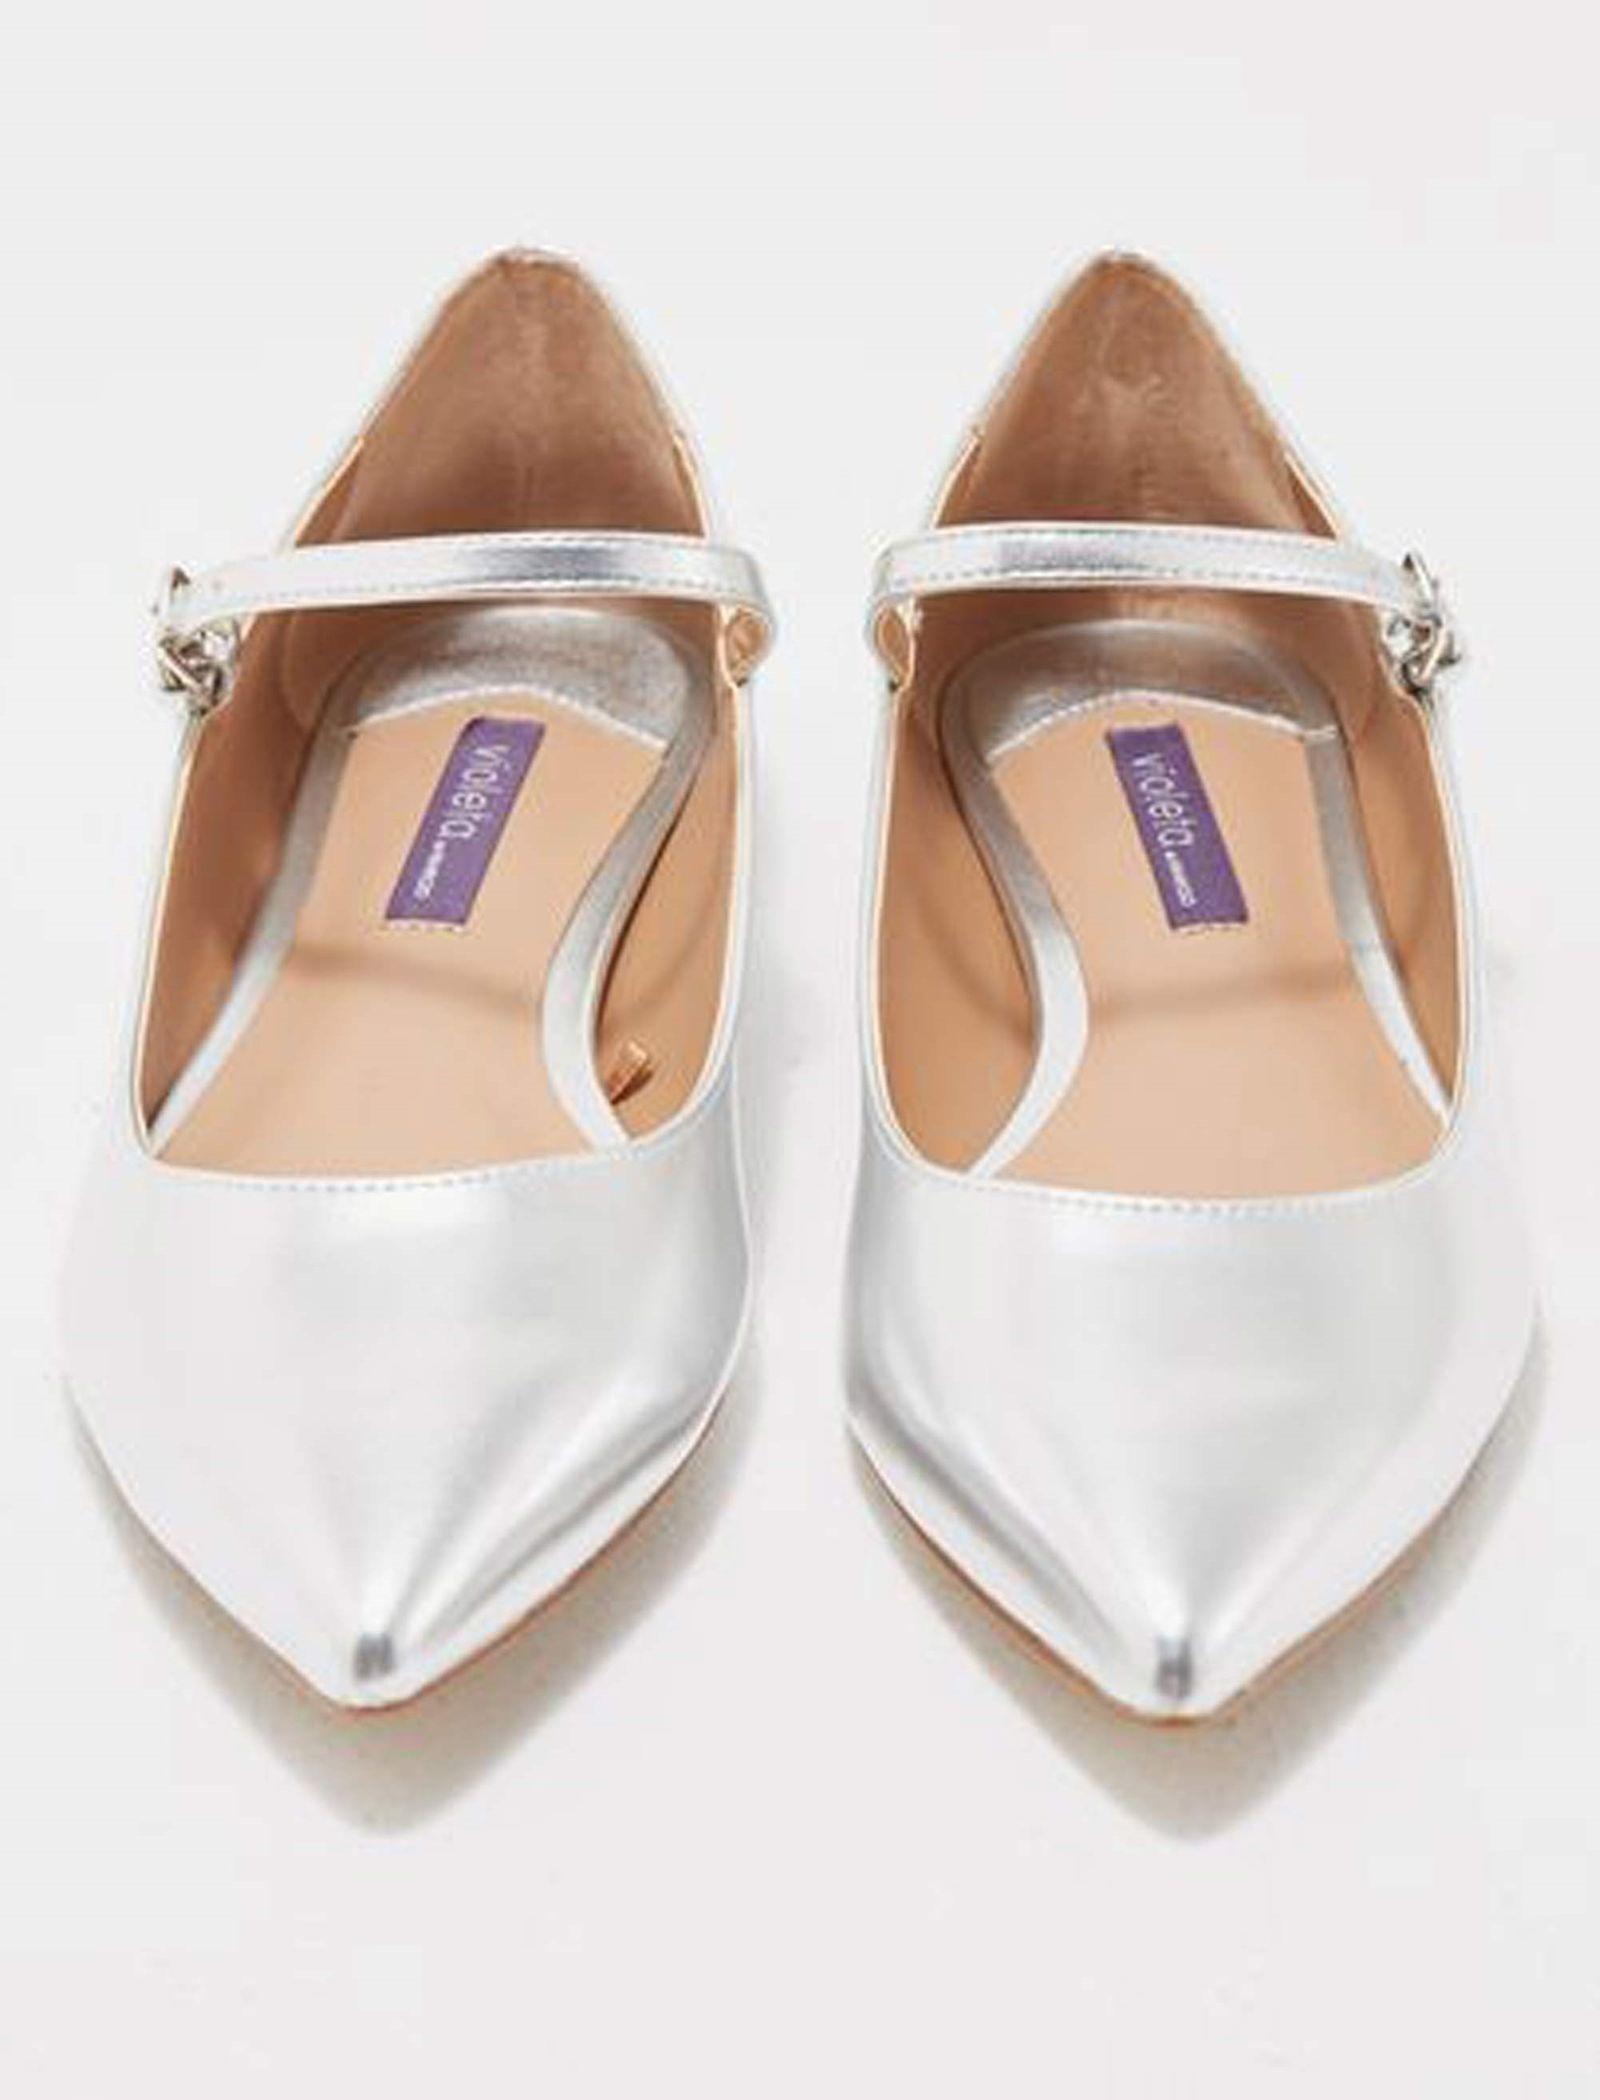 کفش تخت زنانه ویولتا بای مانگو Fani - نقرهاي - 3